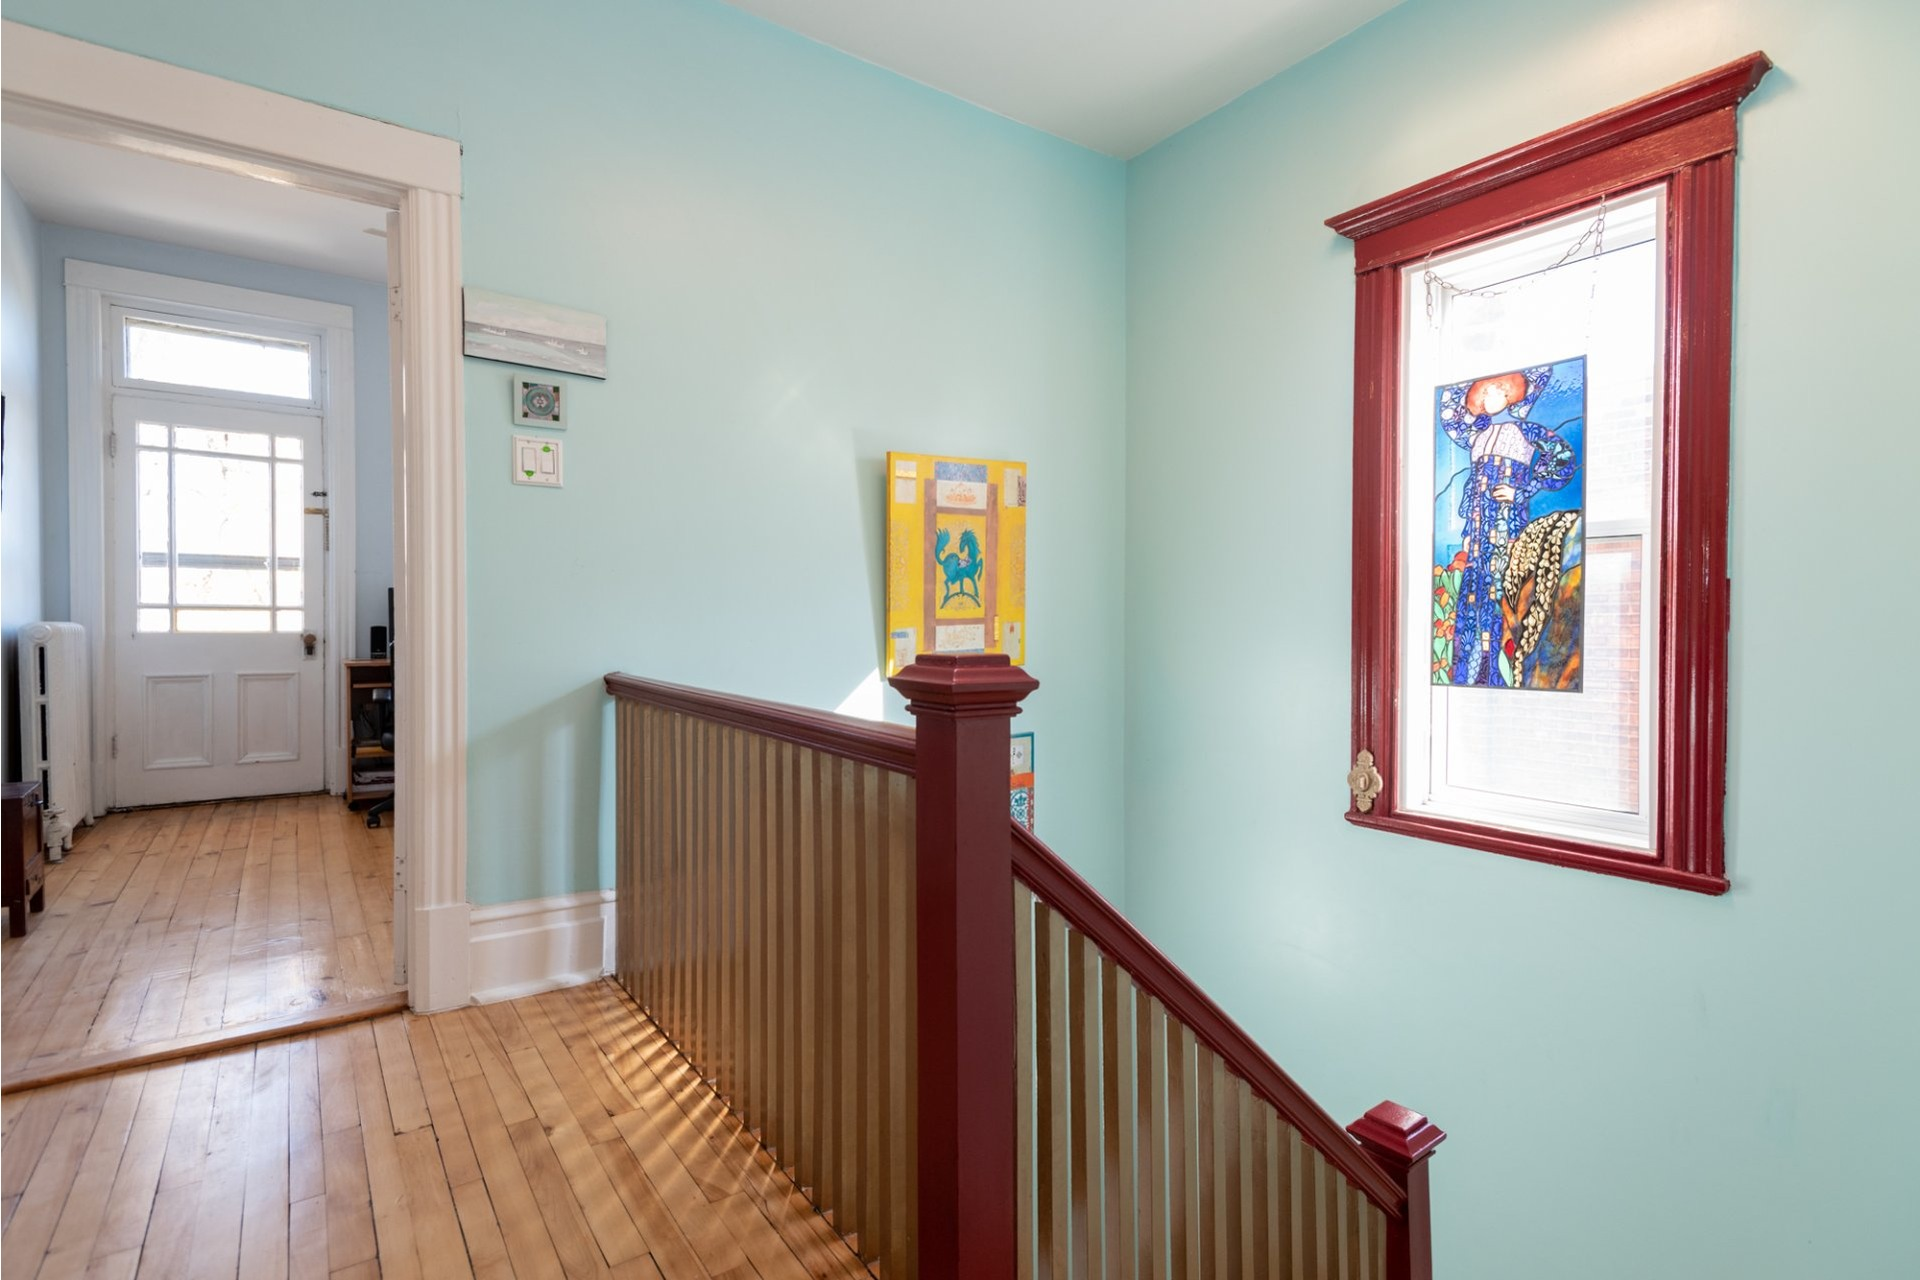 image 16 - Maison À vendre Côte-des-Neiges/Notre-Dame-de-Grâce Montréal  - 8 pièces